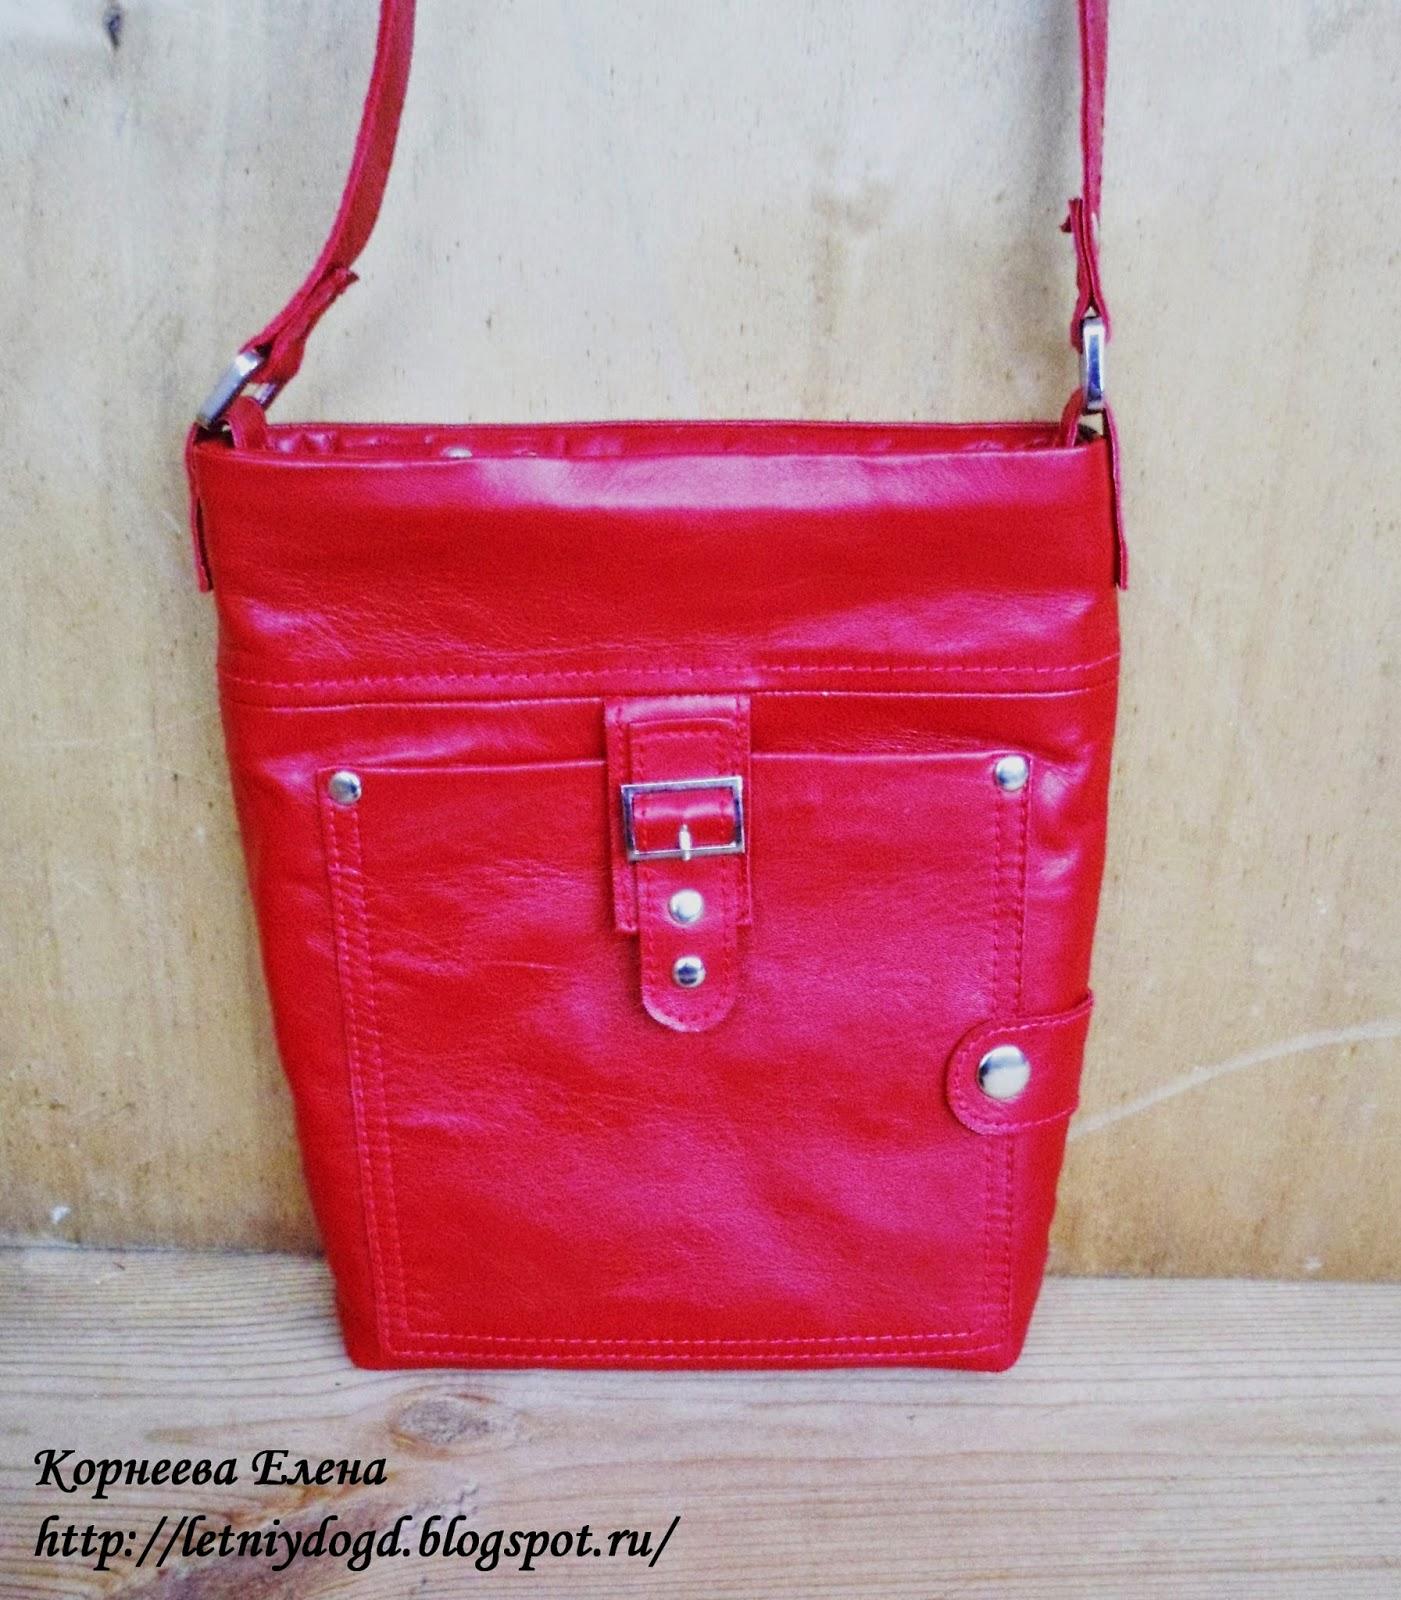 ярко-красная кожаная сумка